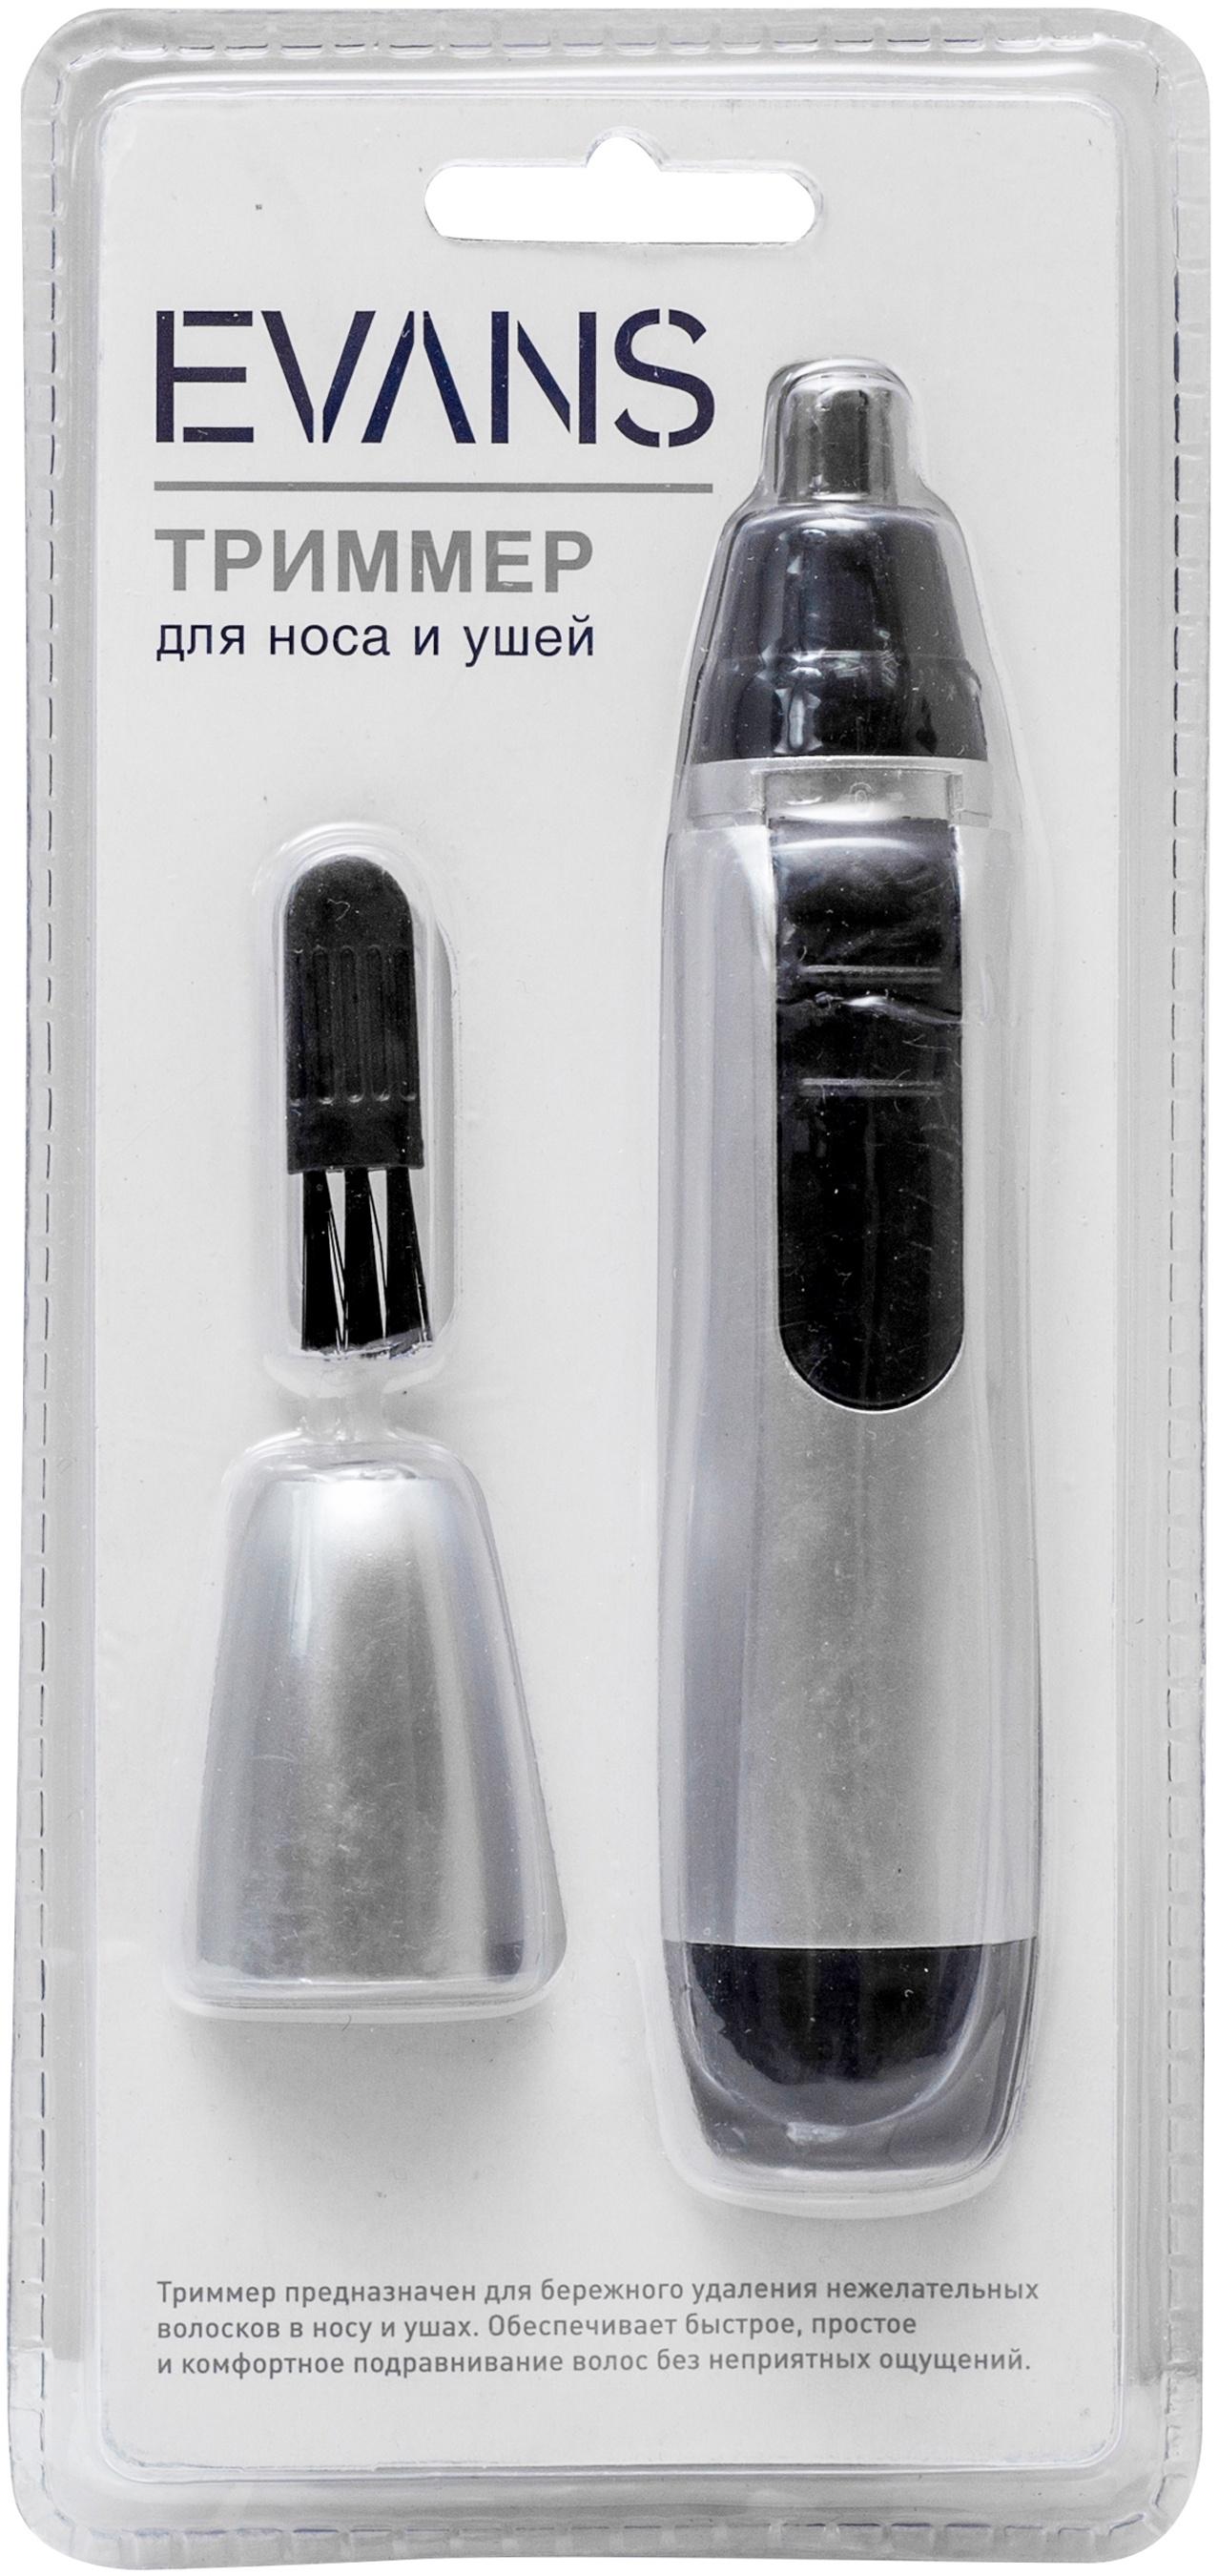 Триммер Evans для носа и ушей, 594-3018A, серый, черный Evans